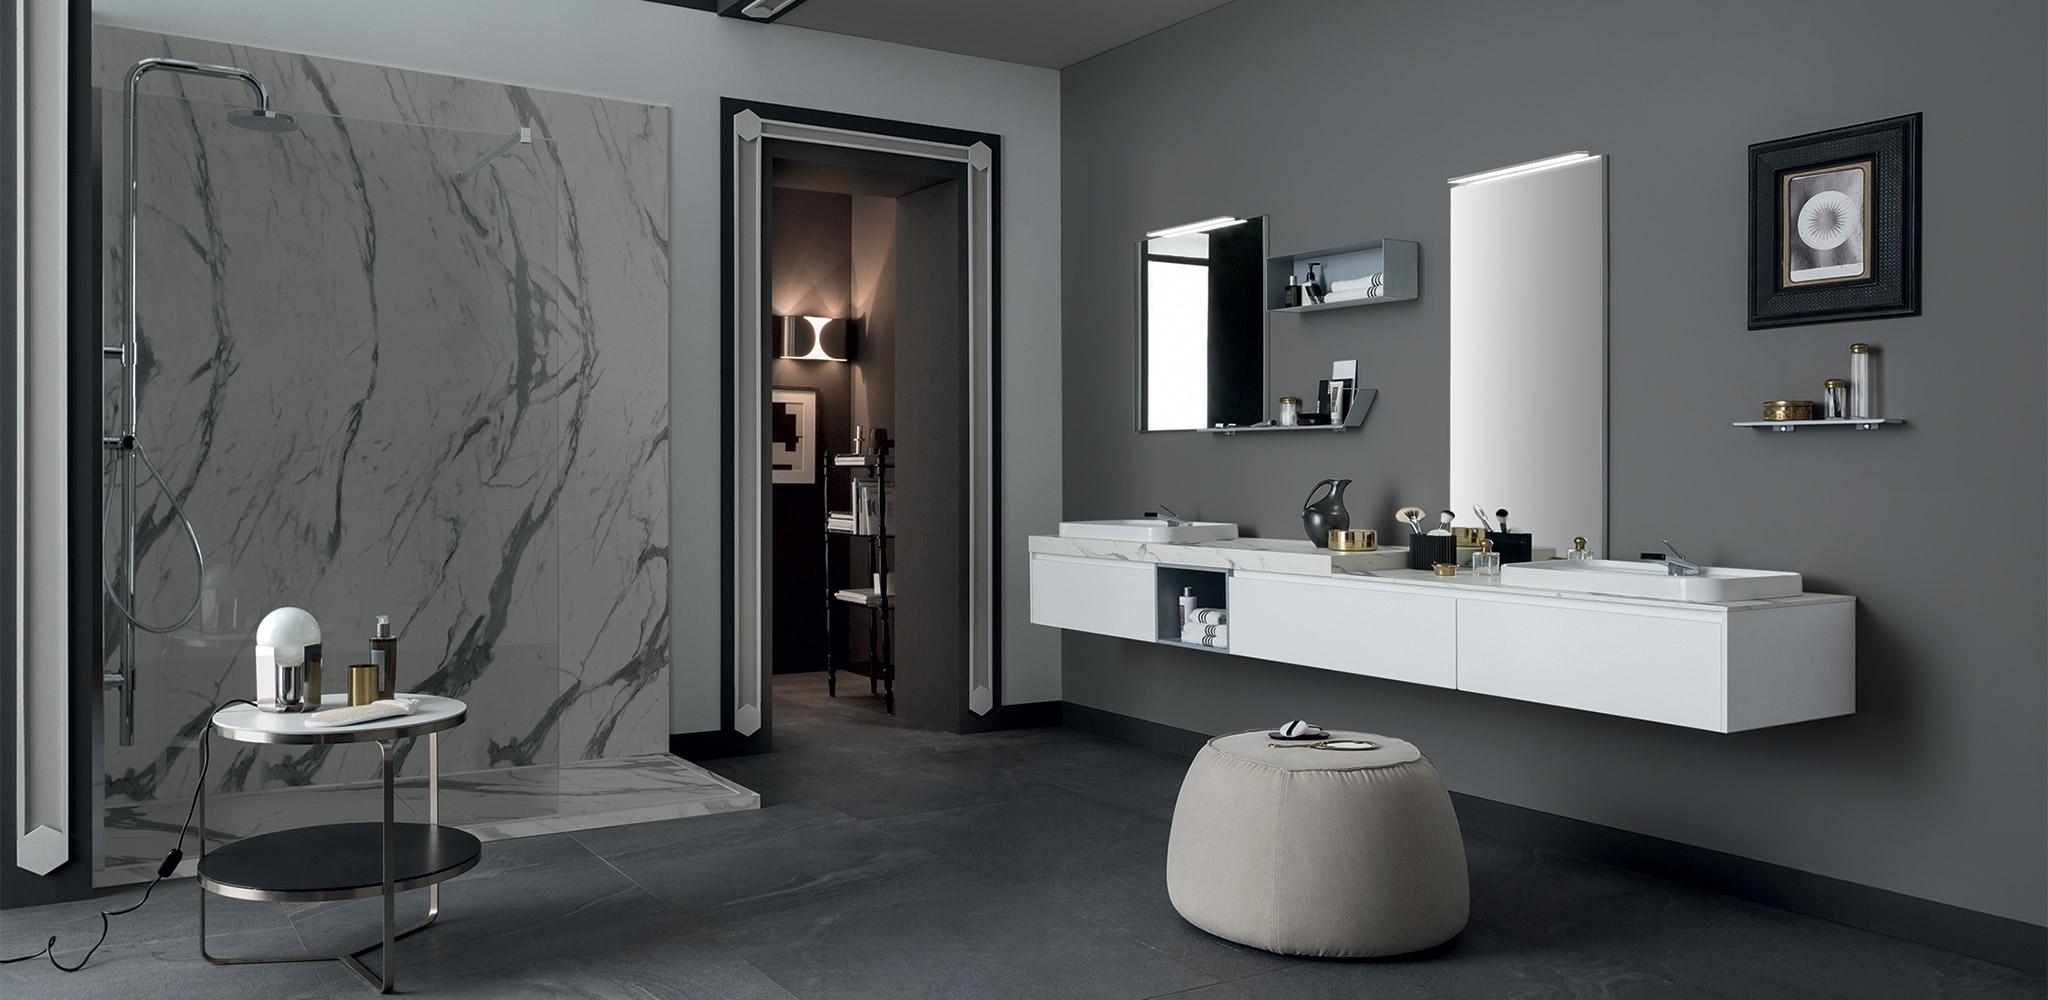 Mobile bagno con doppio lavabo design rab arredobagno - Mobile bagno prezzo ...